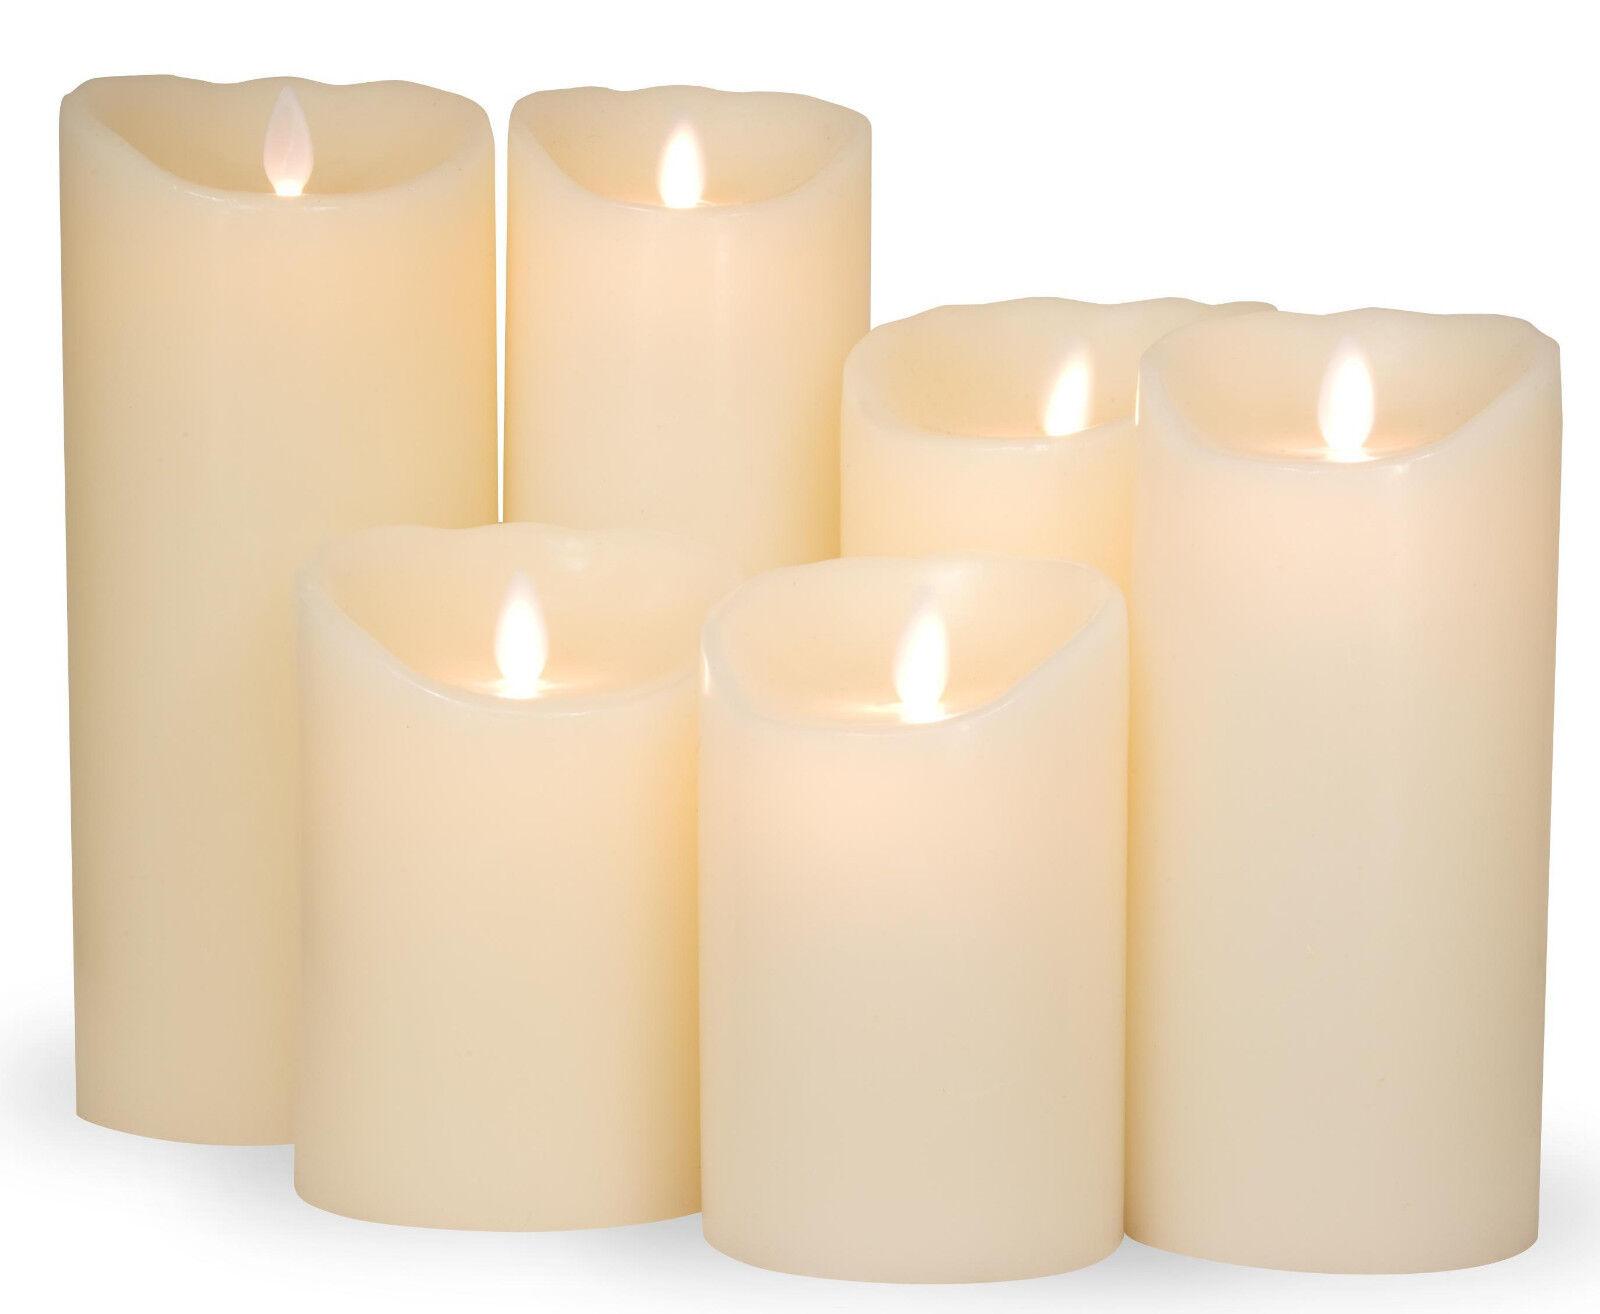 sompex flame 3er set led wax candle grey anthracite 5h timer candles ebay. Black Bedroom Furniture Sets. Home Design Ideas